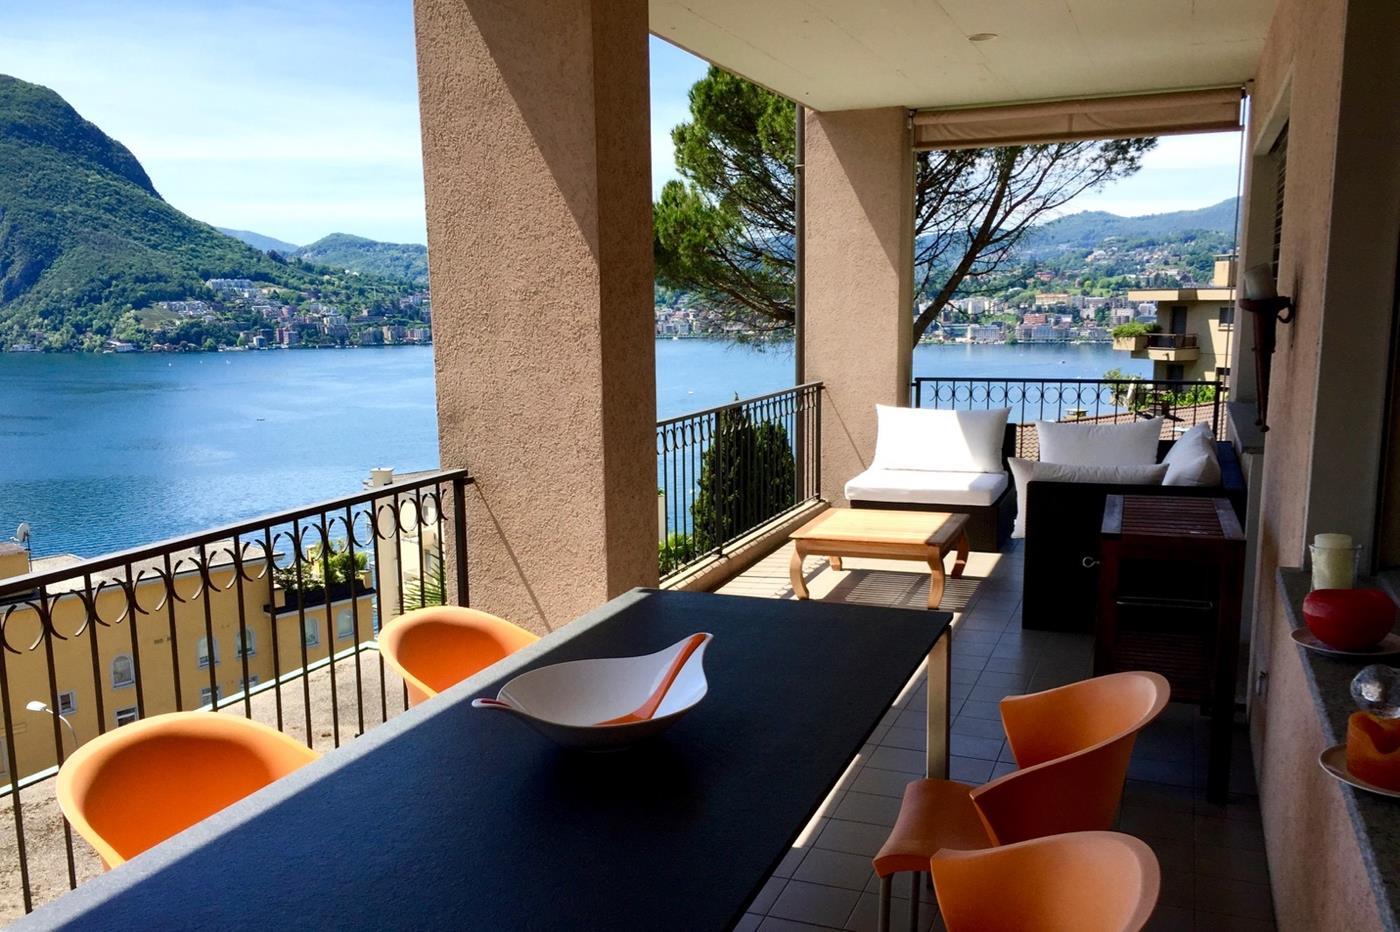 Appartamento con vista sul Lago di Lugano da vendere, Ticino, Svizzera